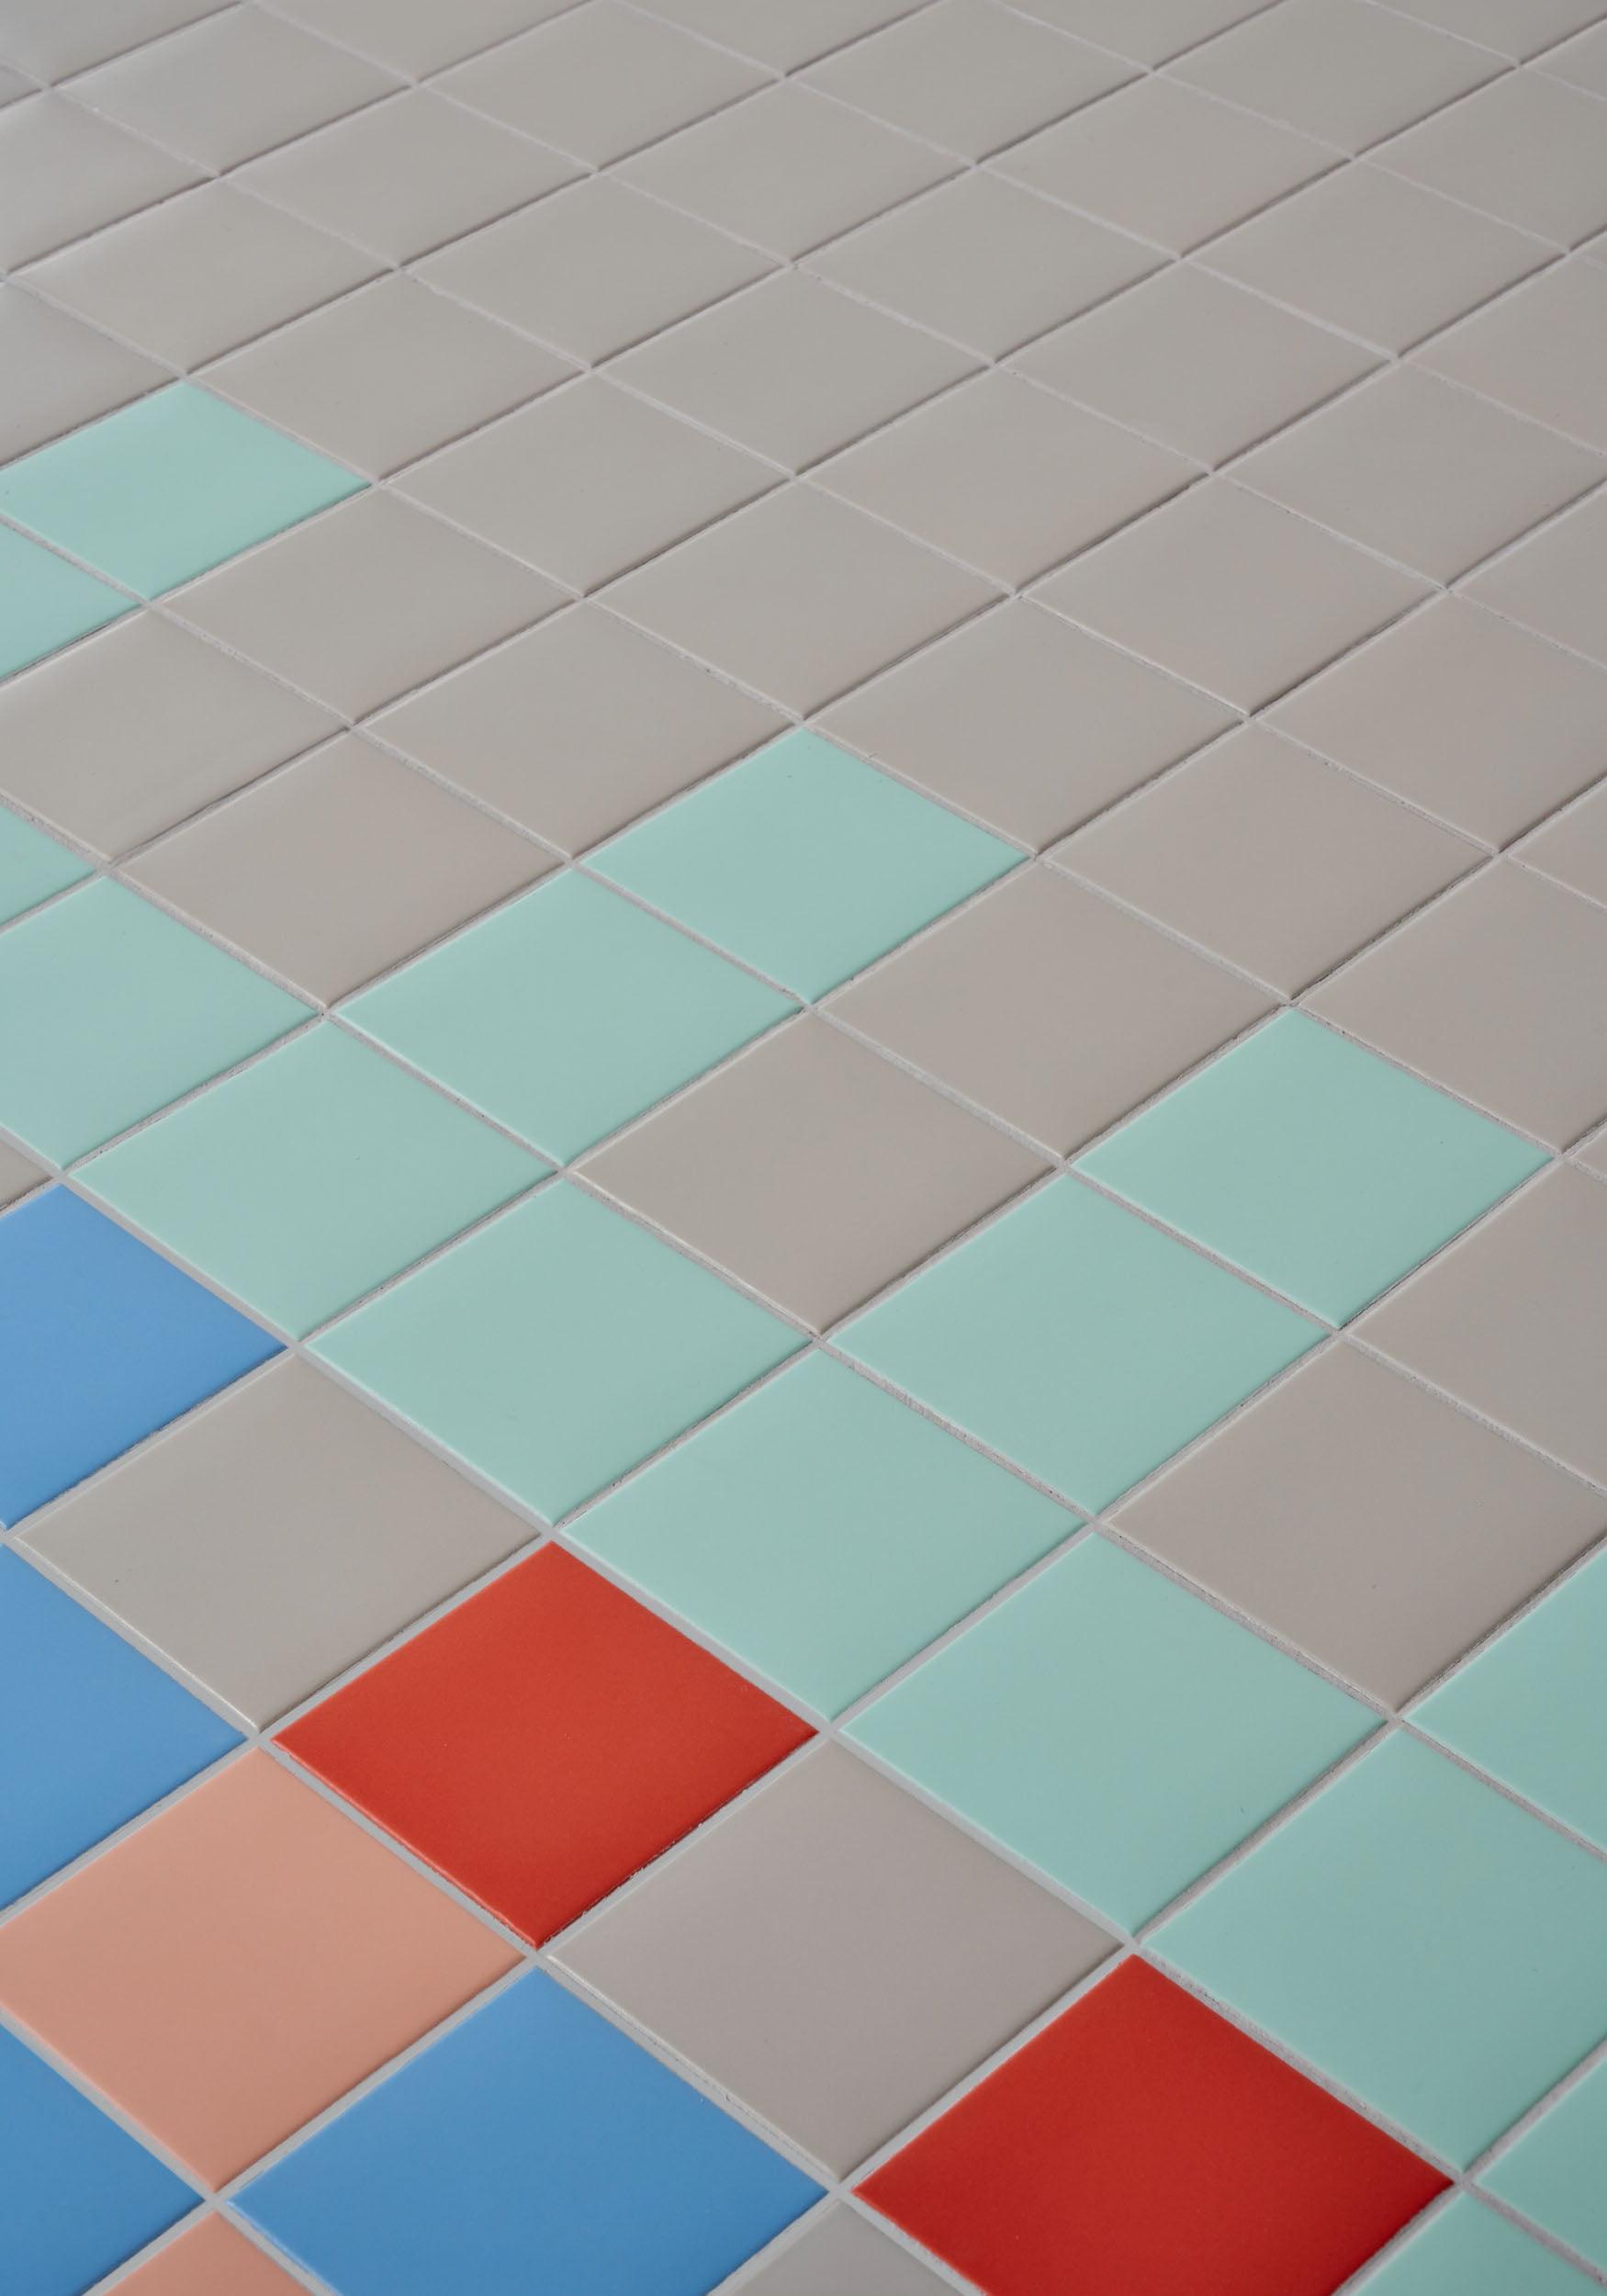 """Pixel41 11,55x11,55 5""""x5"""", 02 Lobster - 10 Nude - 23 Grey - 30 Pool - 41 Mint"""